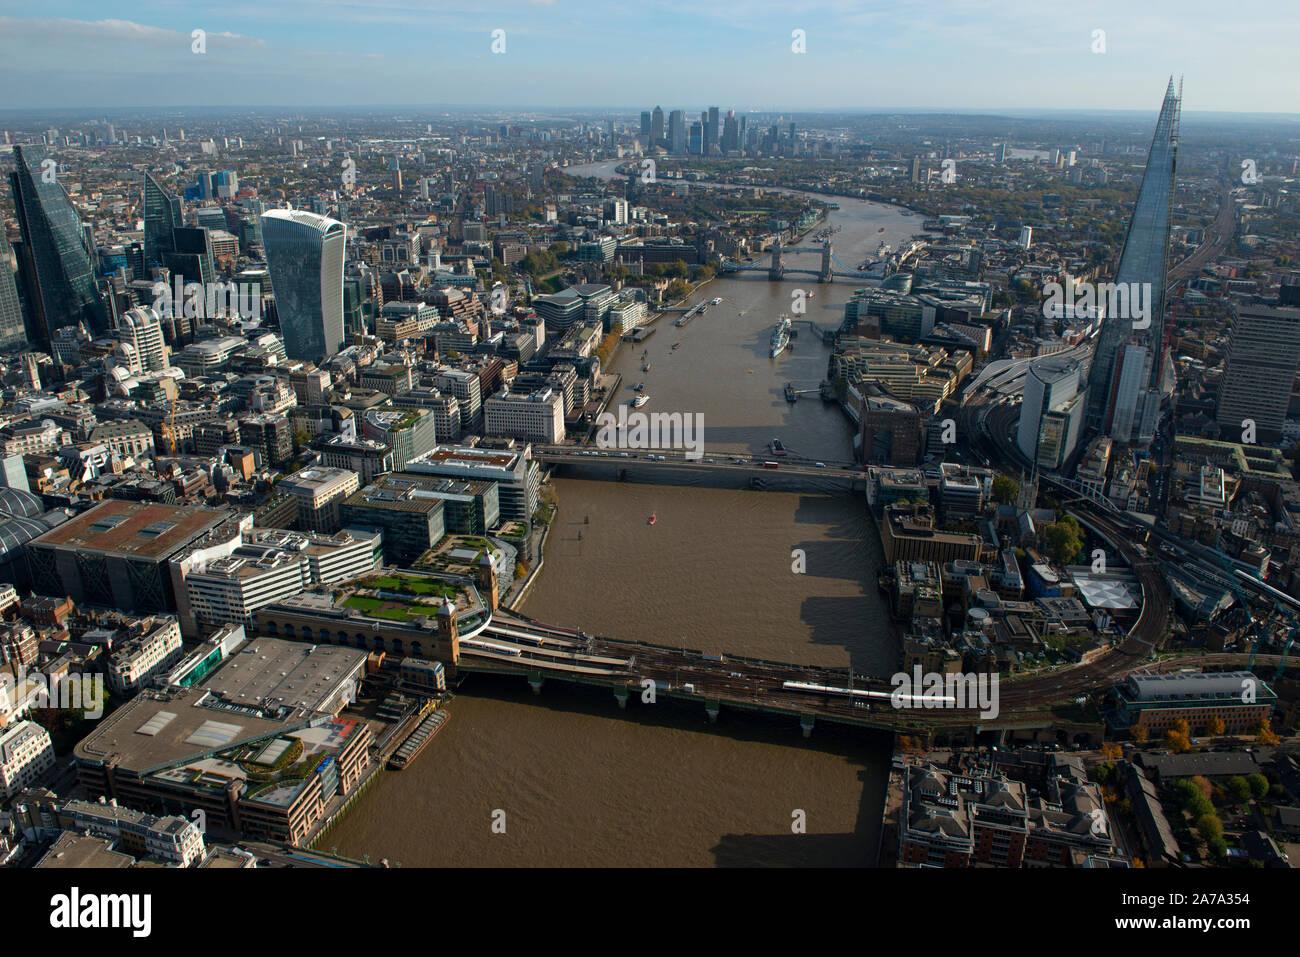 Una vista aérea, mirando al oriente por el Río Támesis con el casco y el Puente de Londres. Foto de stock